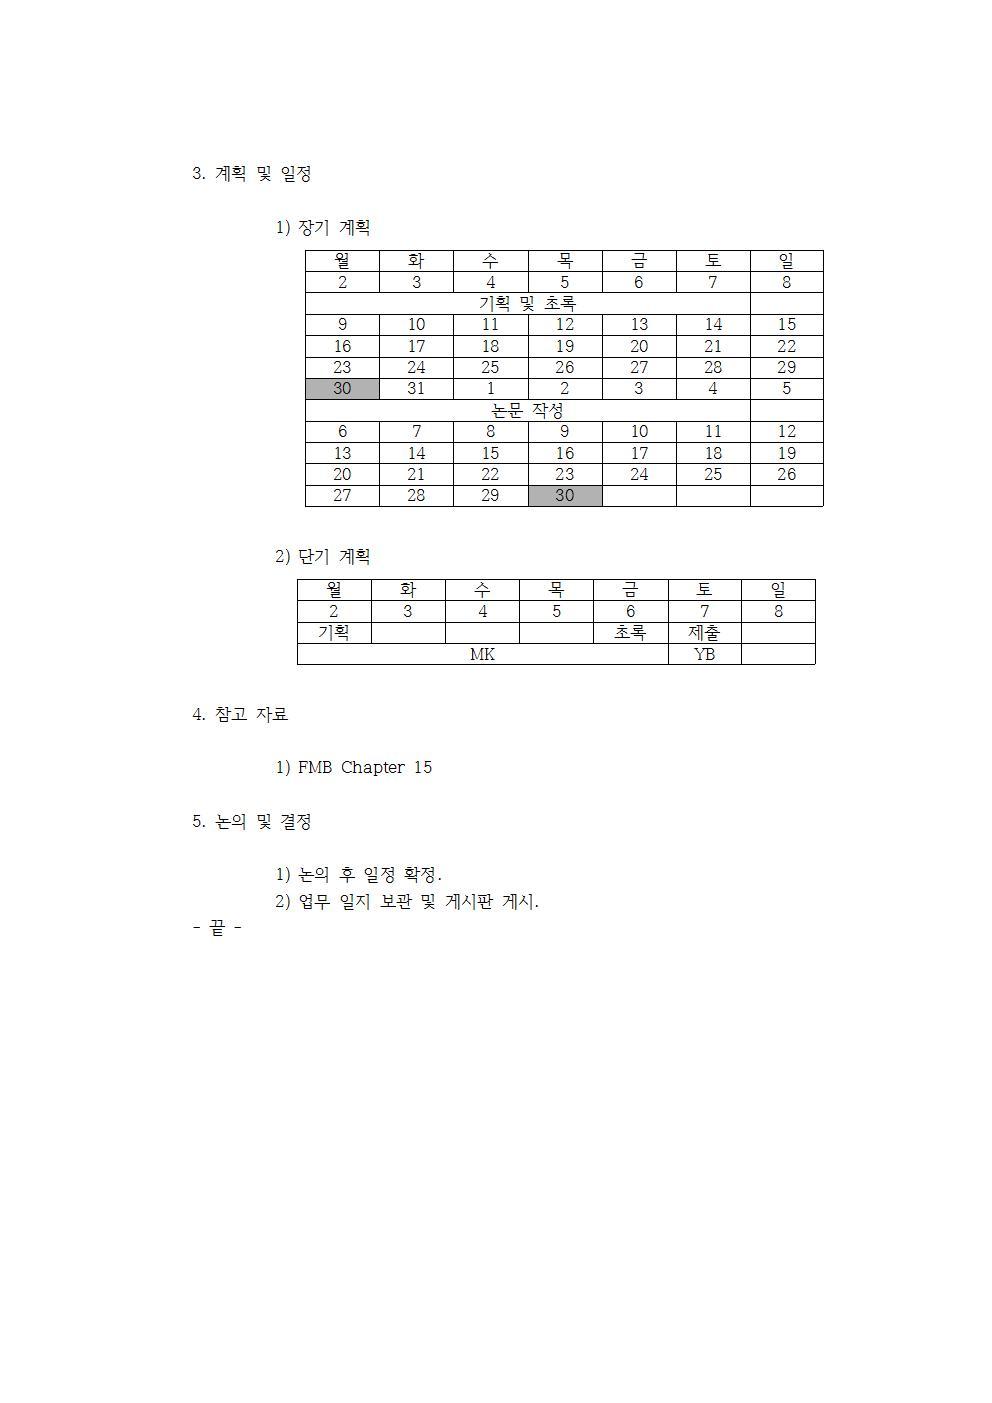 D-[17-092-PP-16]-[OKRC-PP-DC]-[MK]-[2017-10-02]-[DO]002.jpg